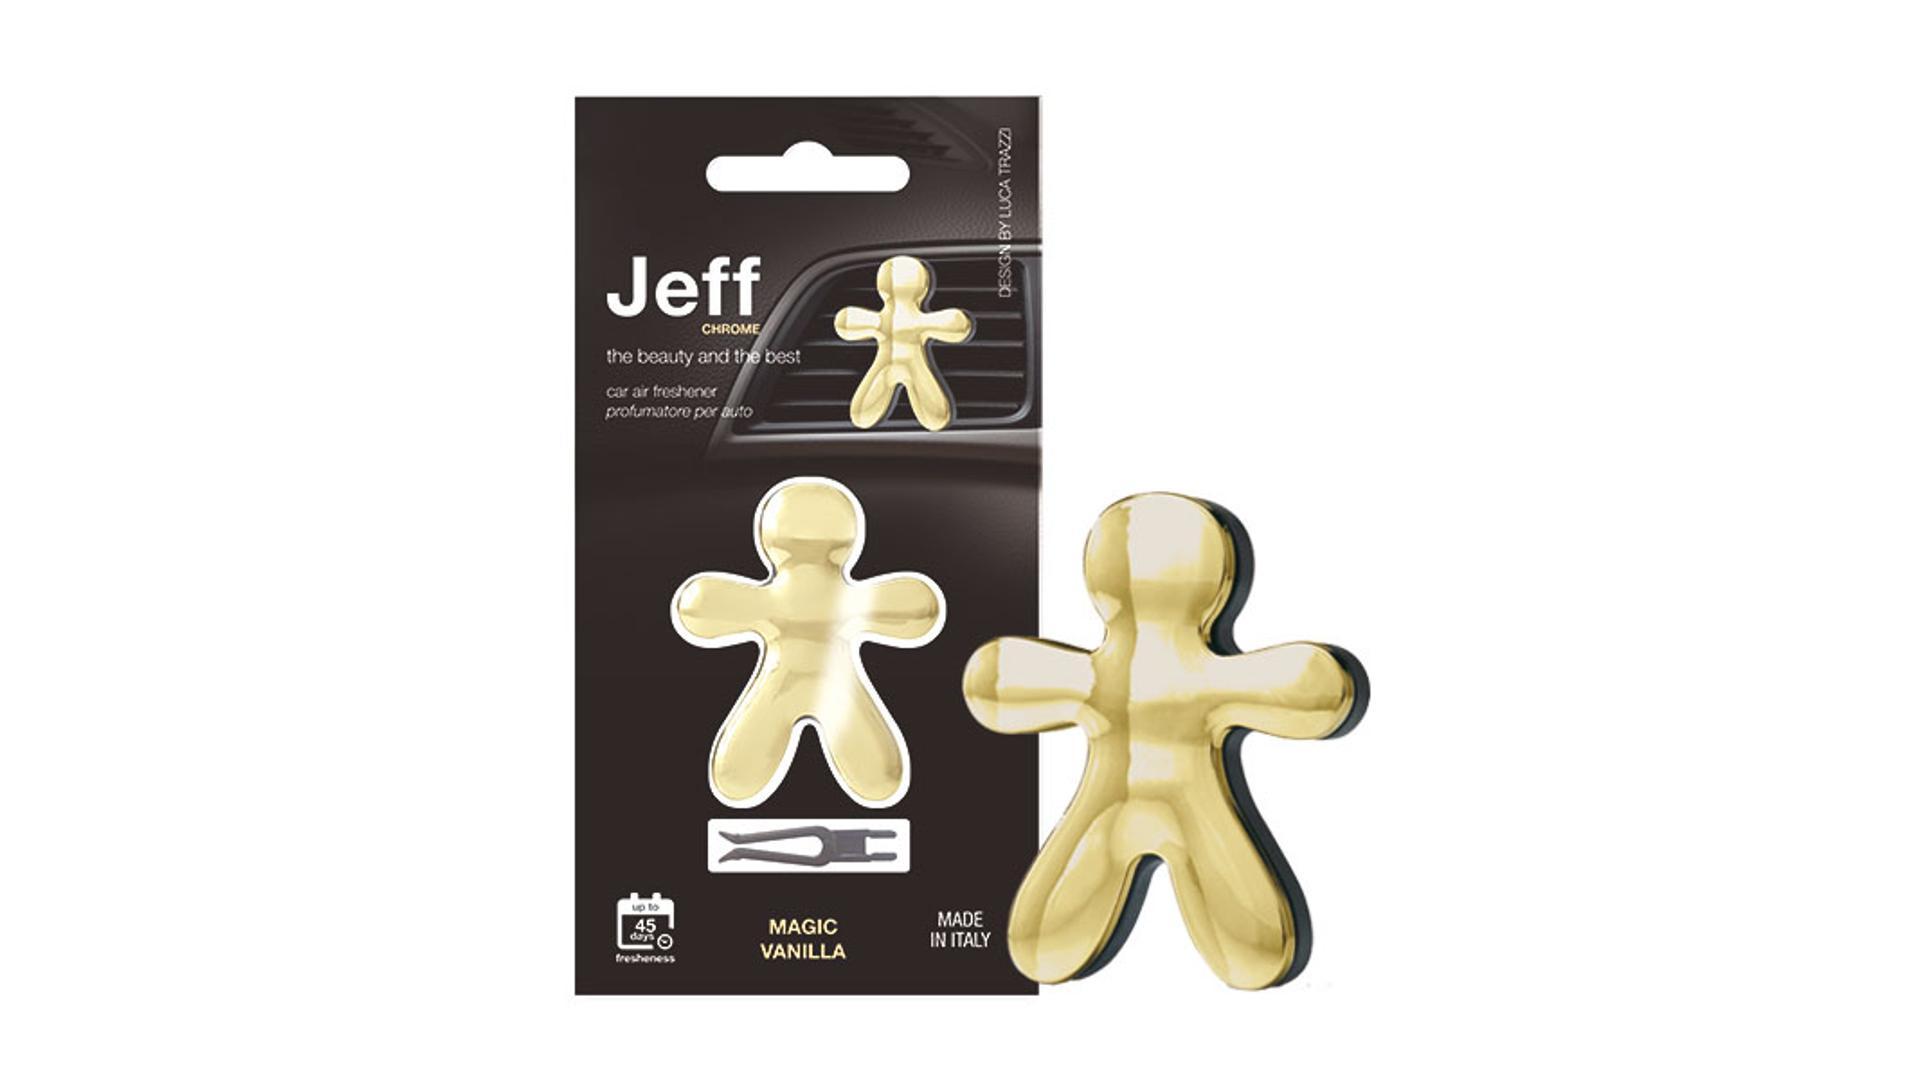 JEFF osvěžovač vzduchu zlatý chrome - Magic Vanilla